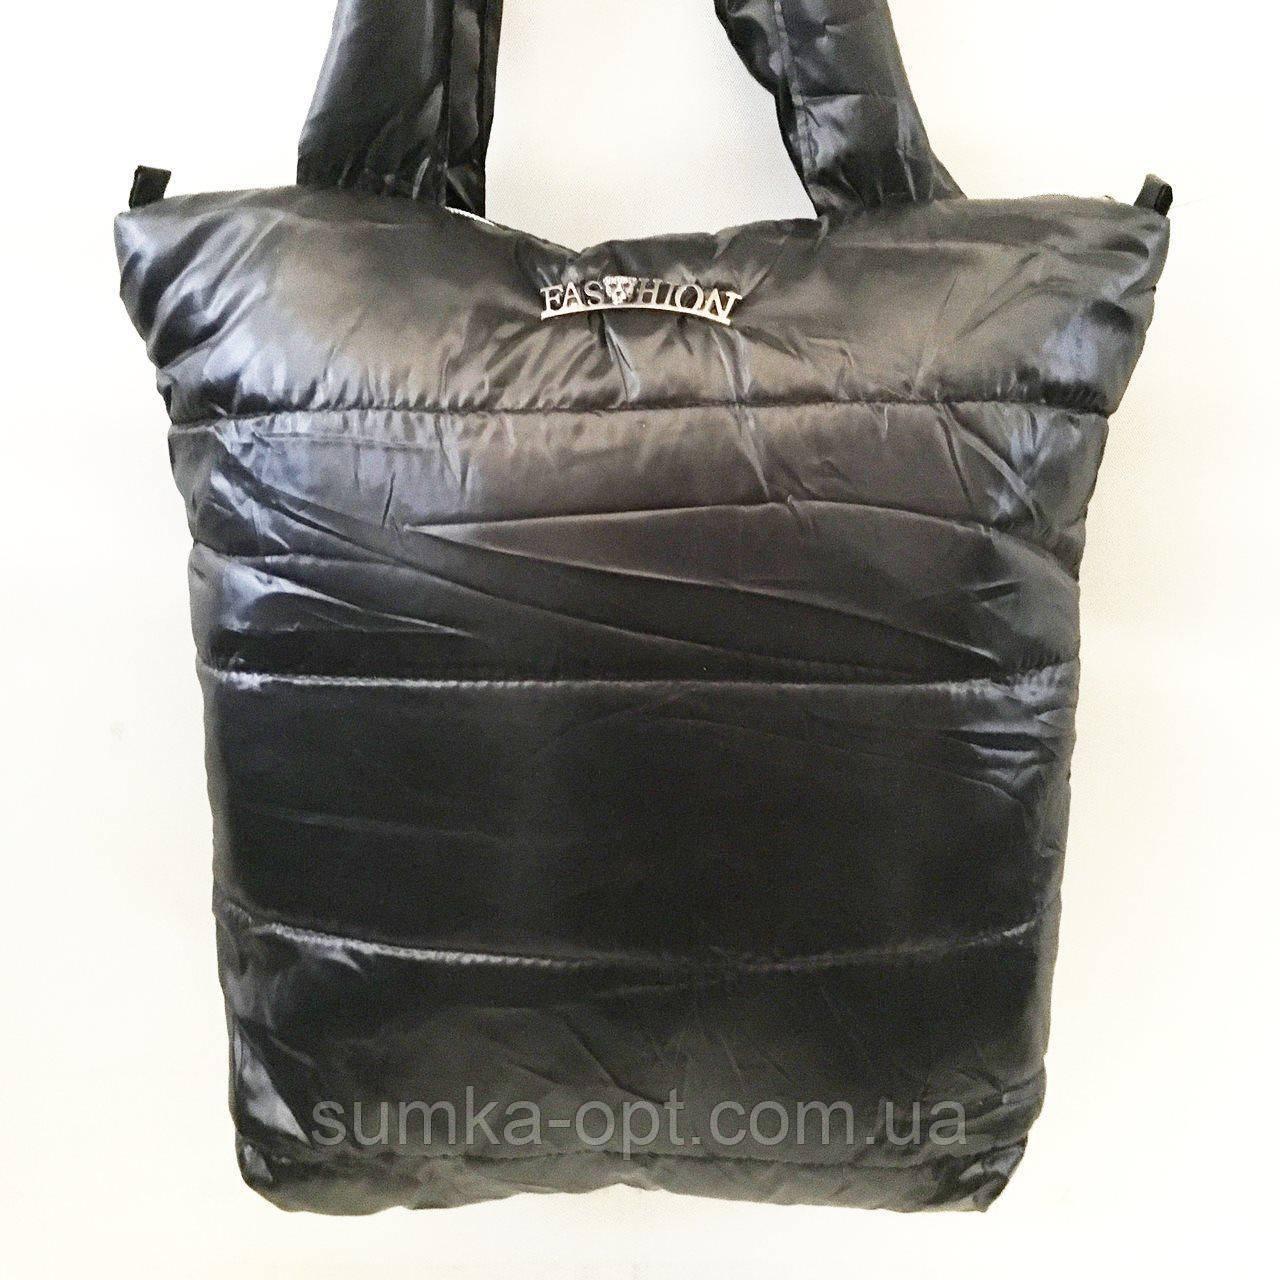 Дутые СПОРТИВНЫЕ сумки под пуховик Fashion (ЧЕРНЫЙ)34*35см